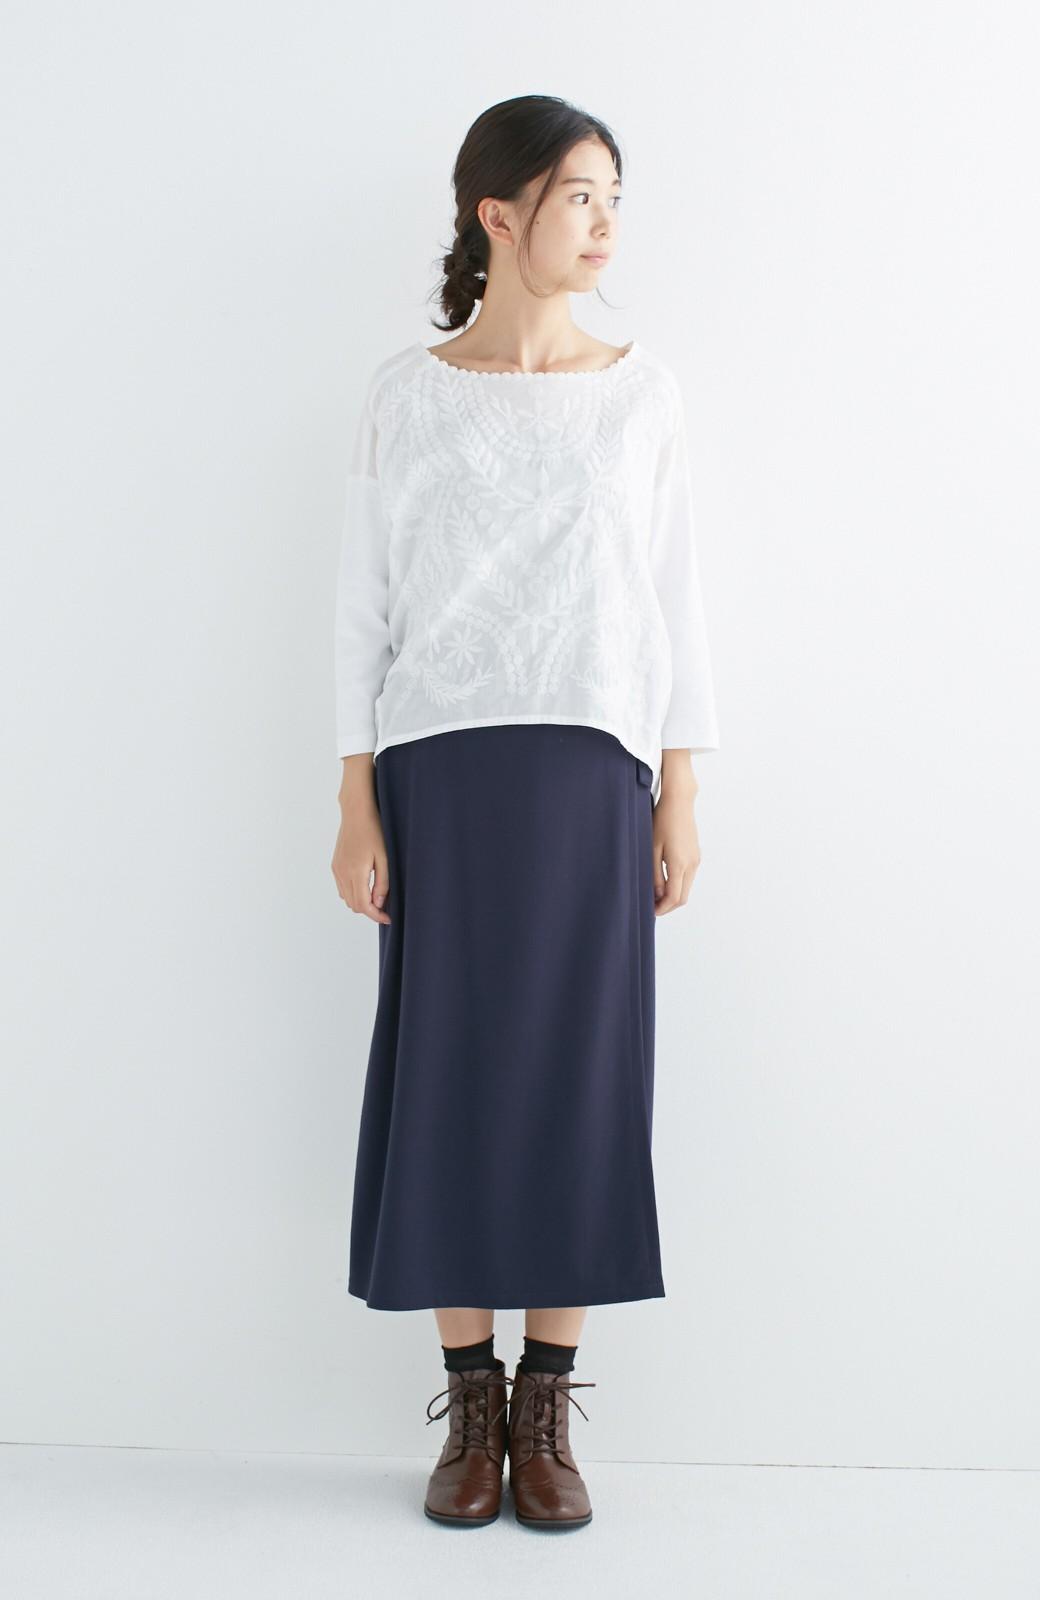 エムトロワ こう見えて動きやすい、袖だけカットソーの華やか刺しゅうブラウス <ホワイト>の商品写真4